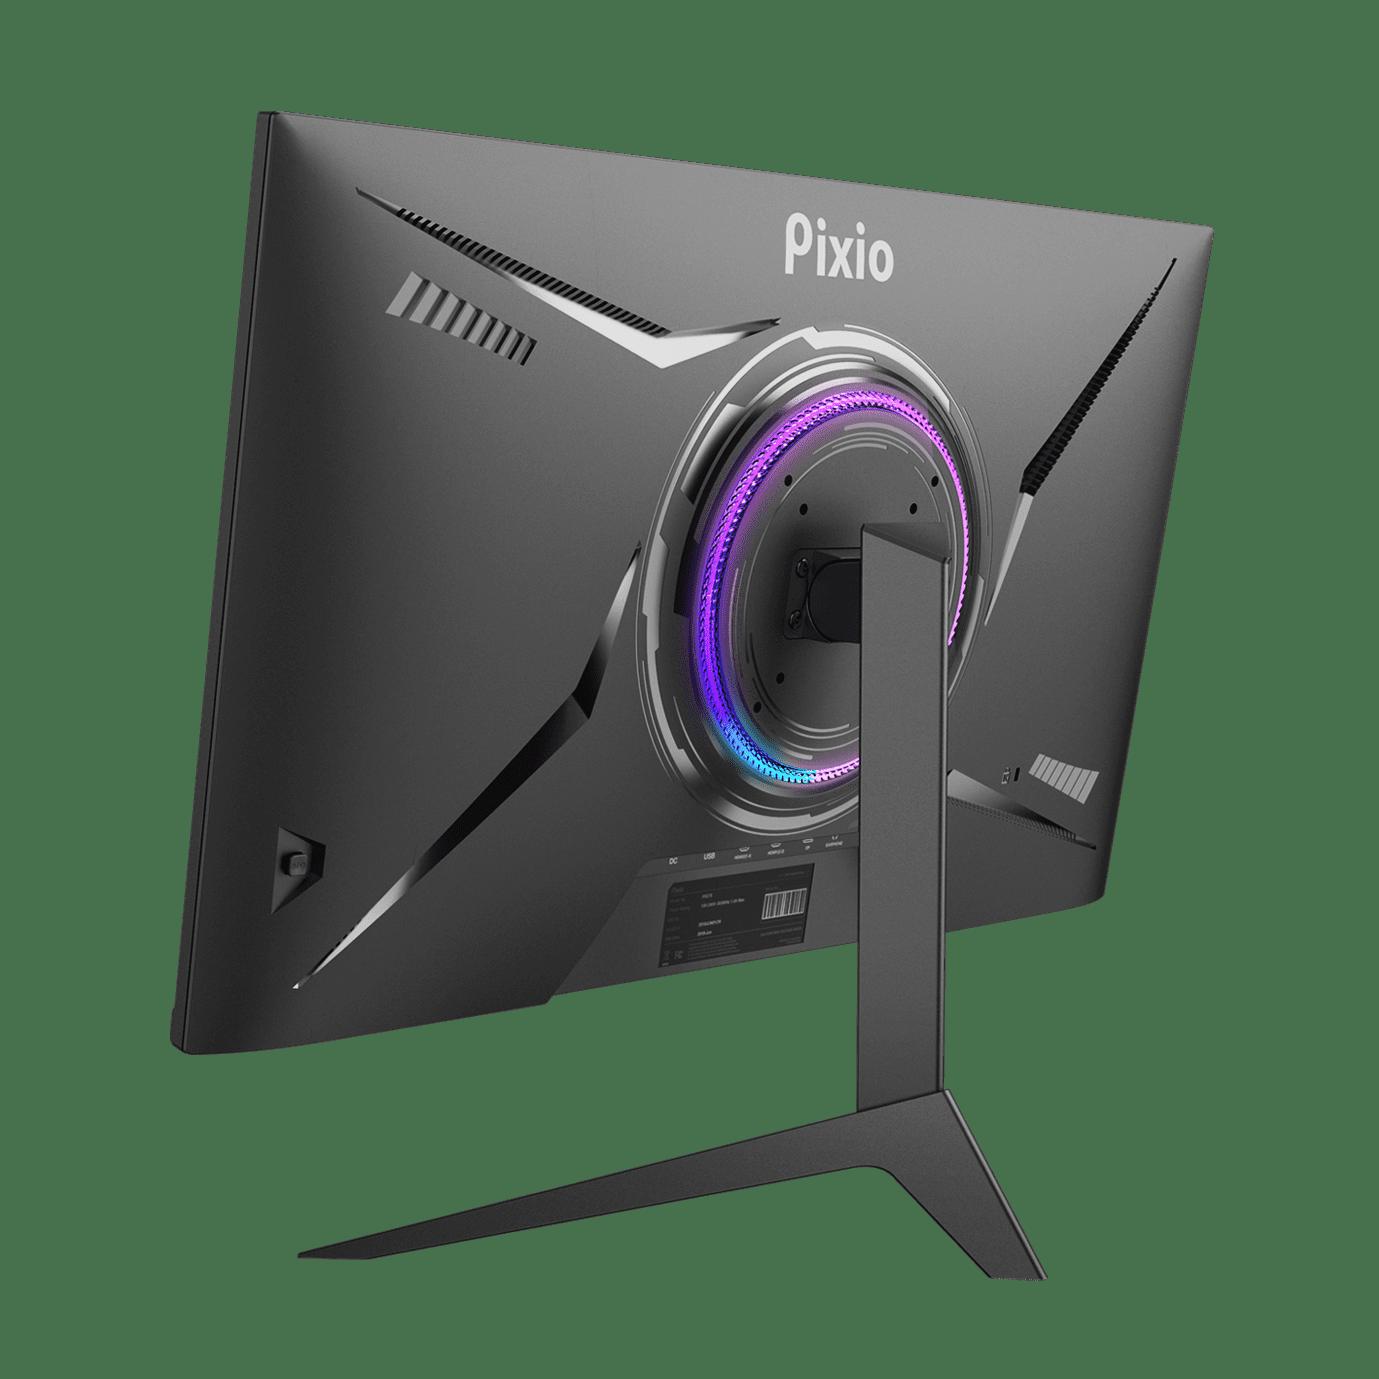 Pixio-PX279RP 240Hz-Bezeless-gaming-moni